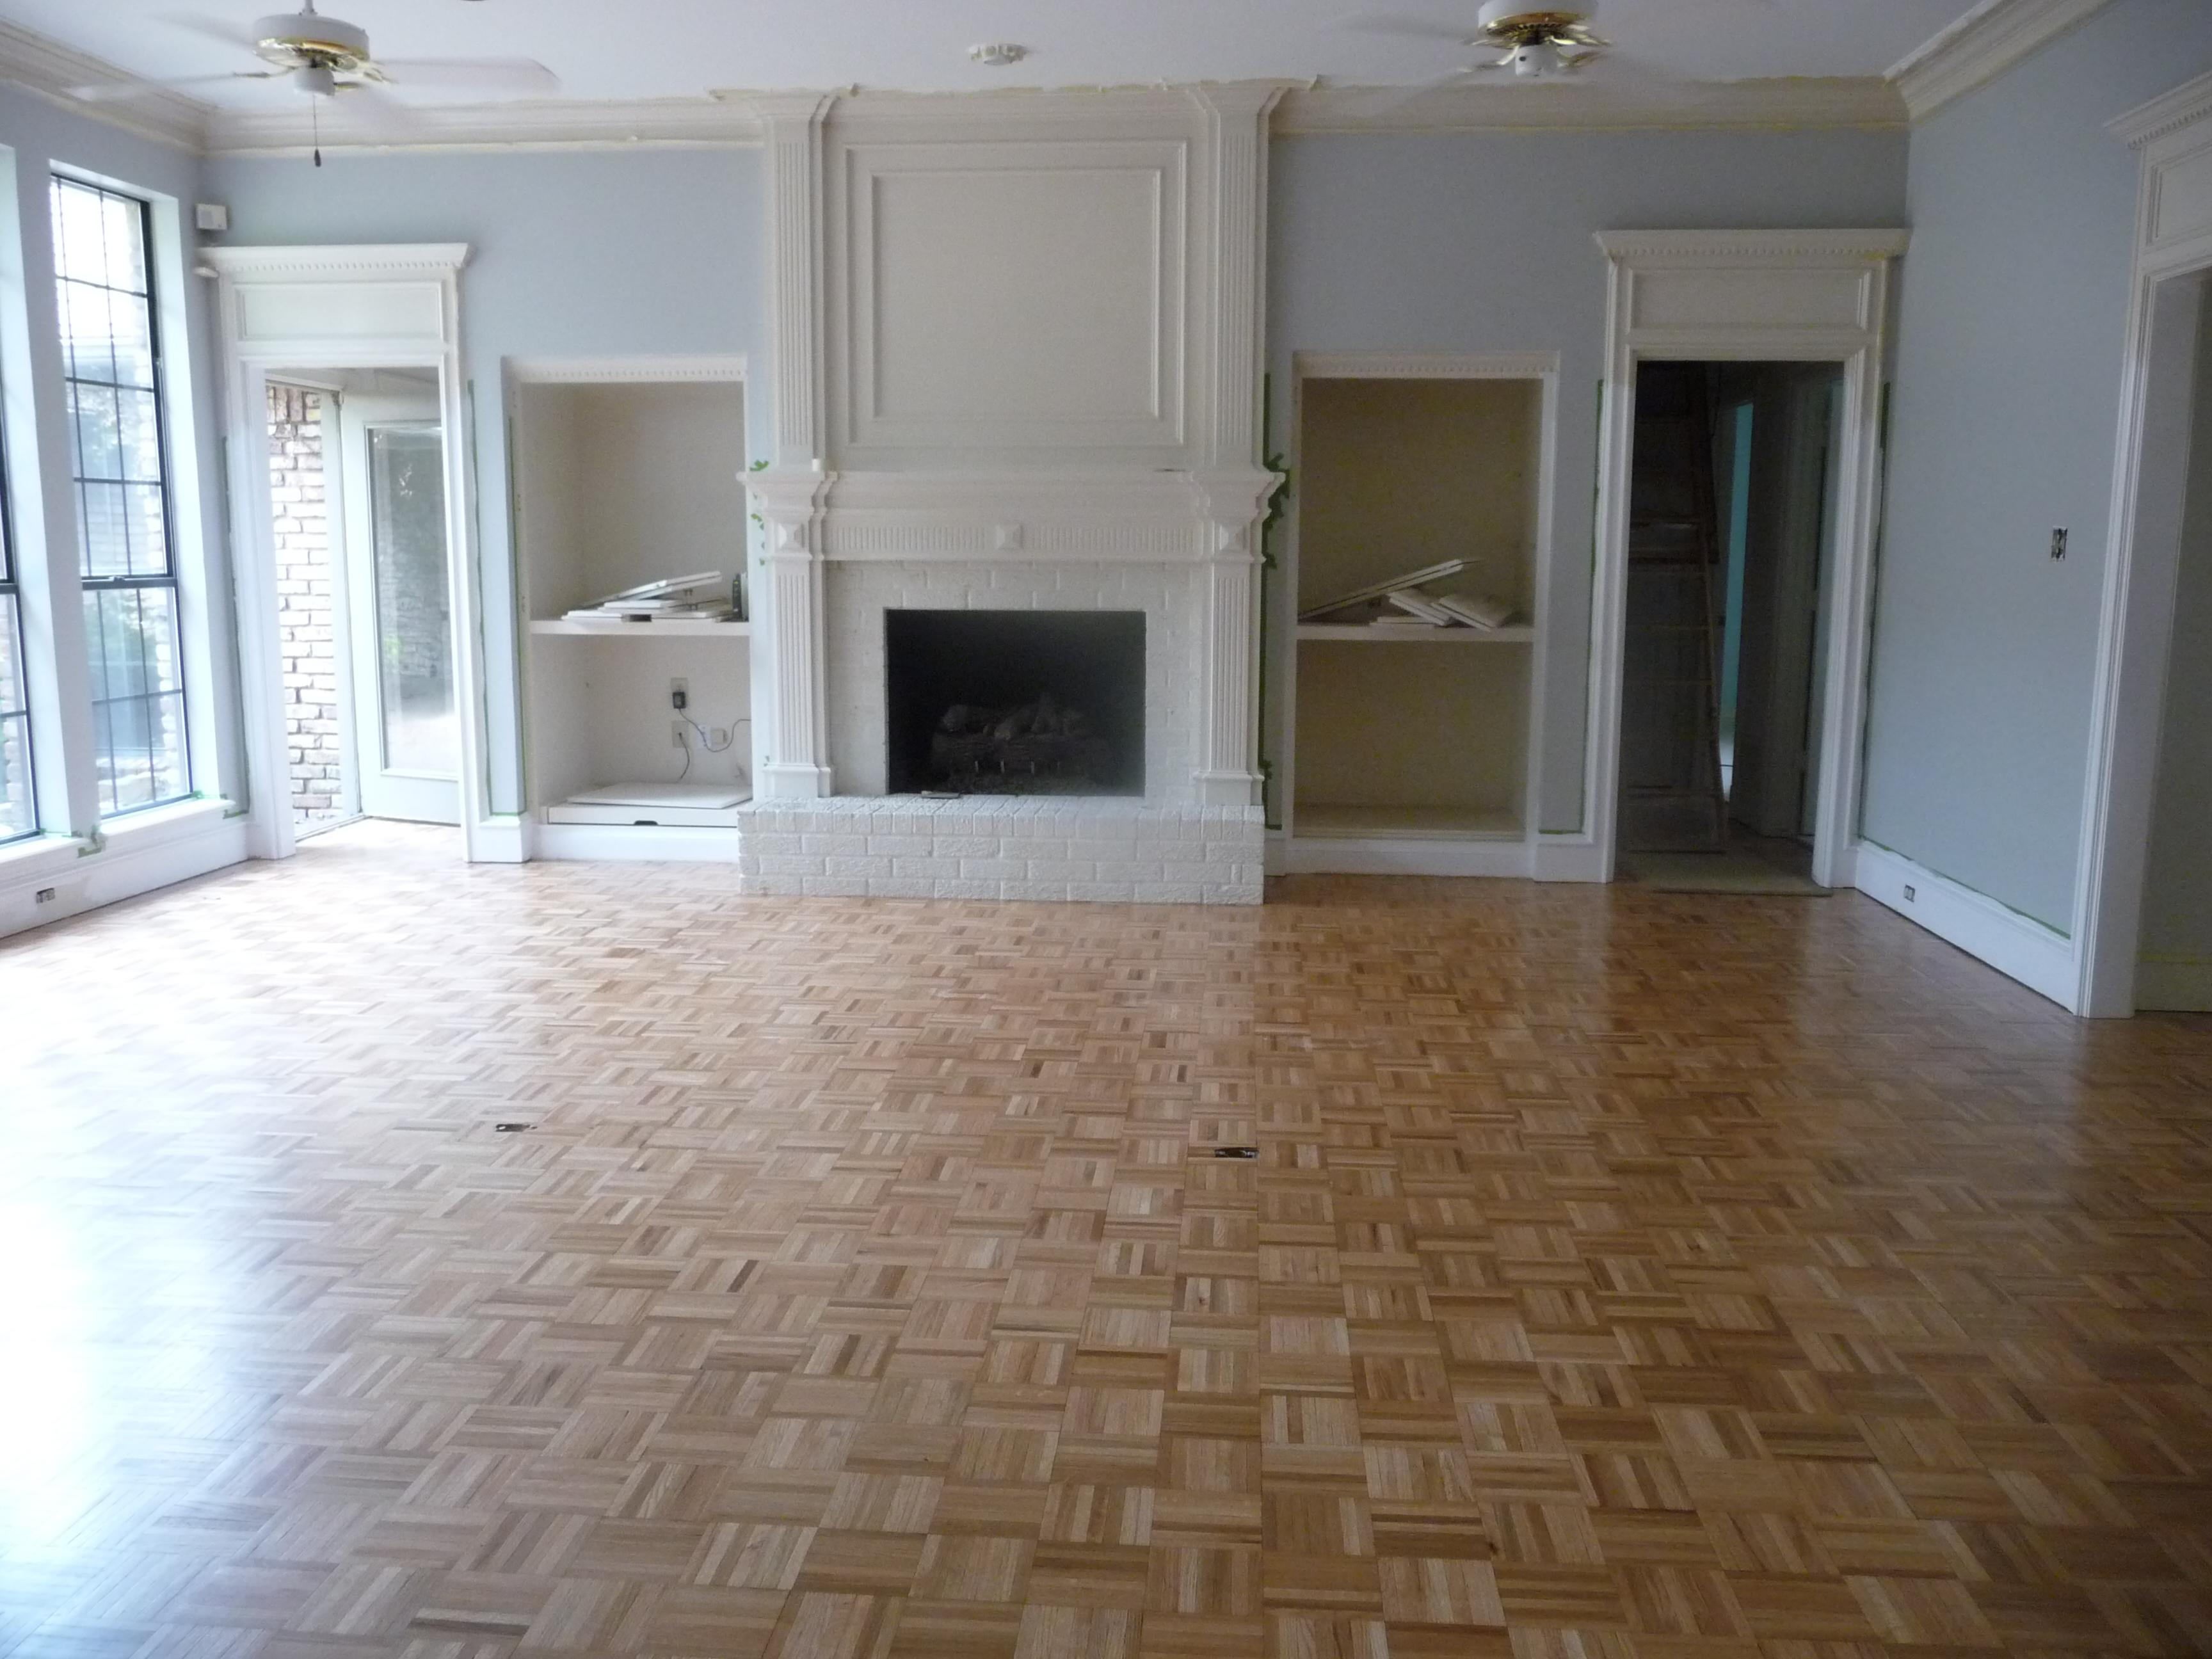 Floors  hilldalehouse